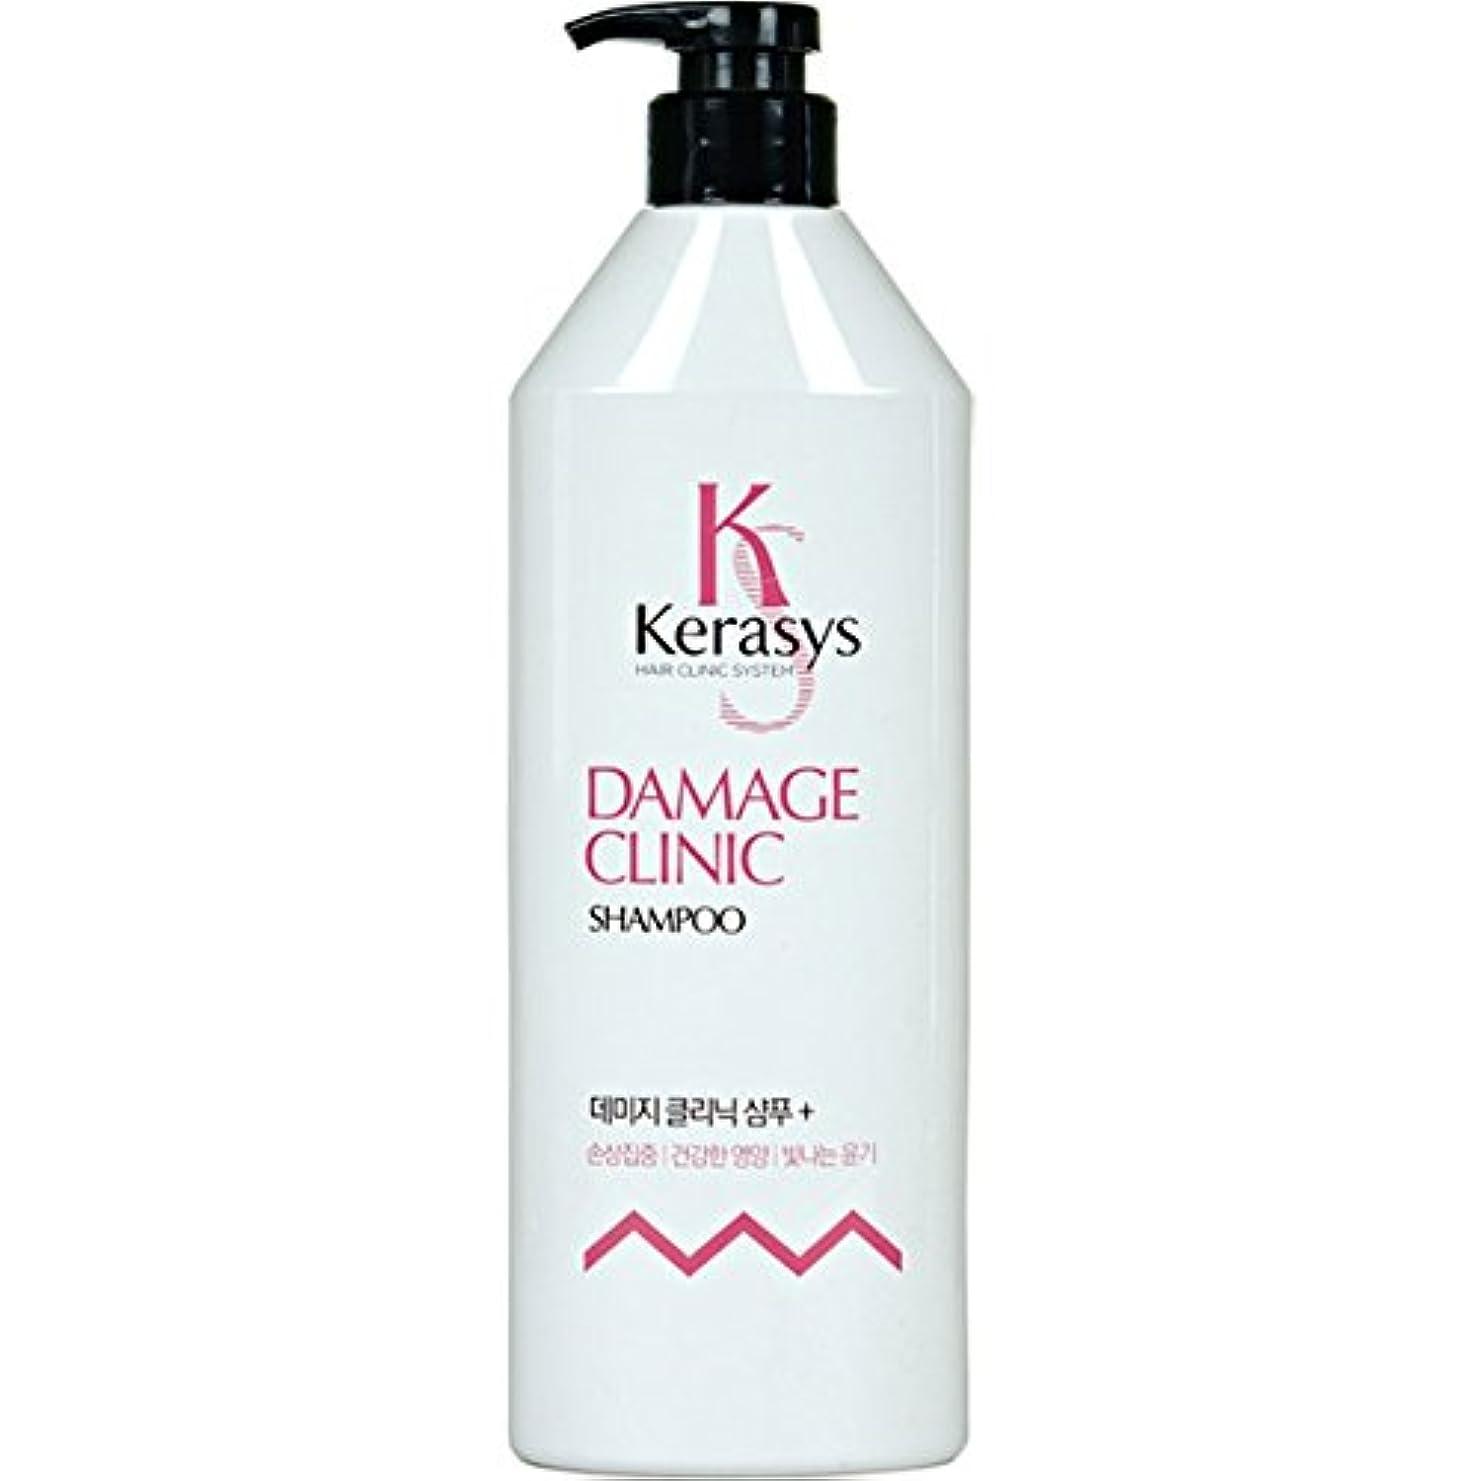 マダムクリーナー自動化[Kerasys] ケラシス ダメージクリニック シャンプー 750ml Damage Clinic Shampoo [海外直送品]